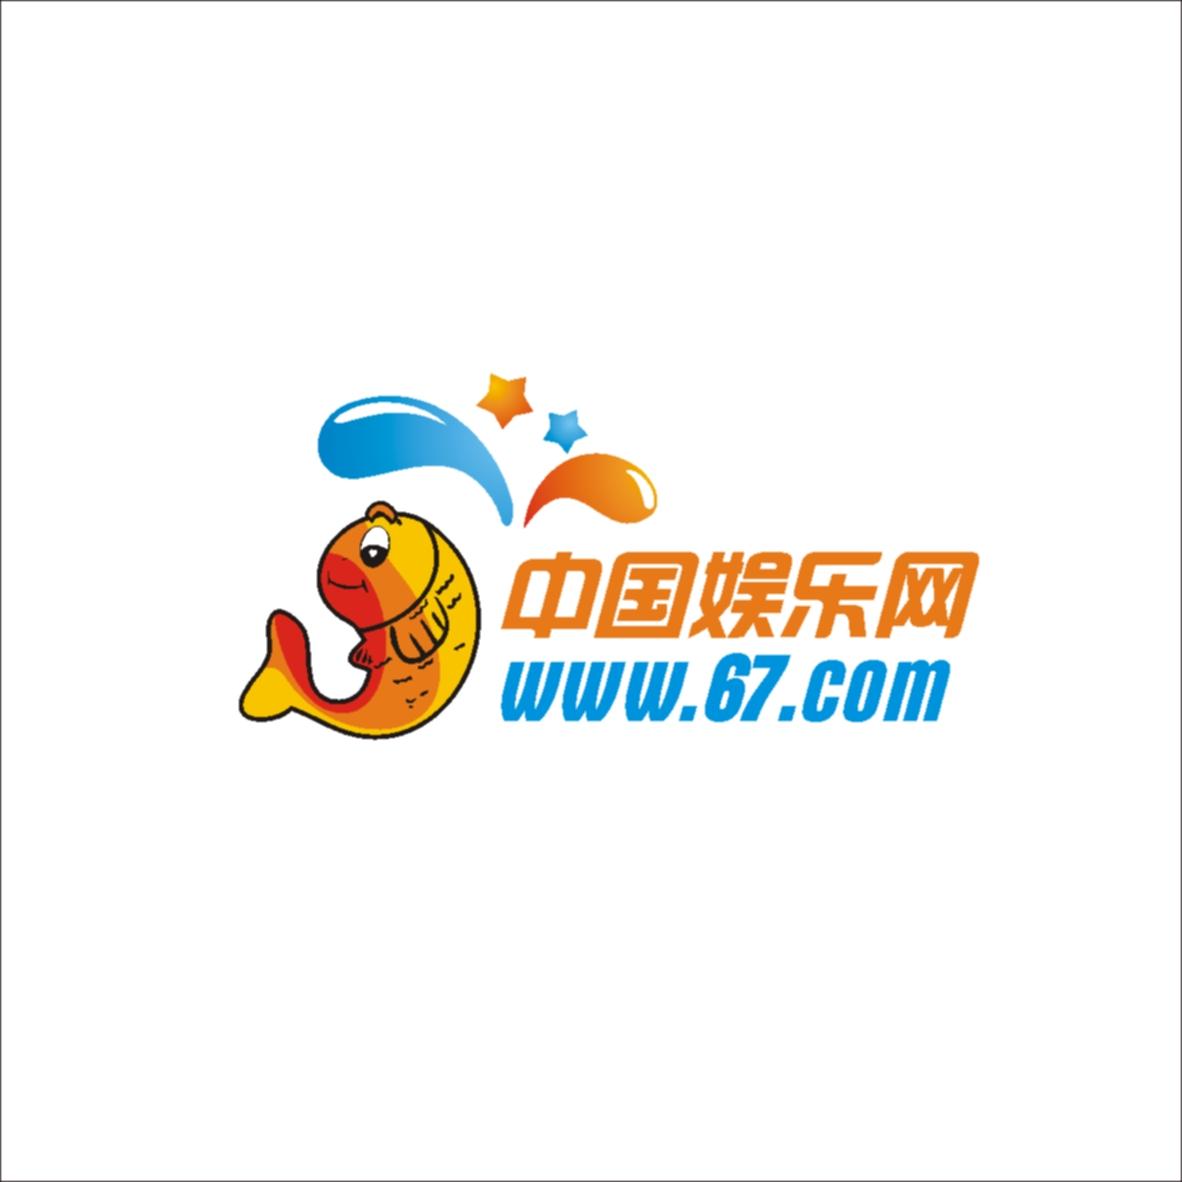 中国娱乐网67.com logo设计- 稿件[#1230491]